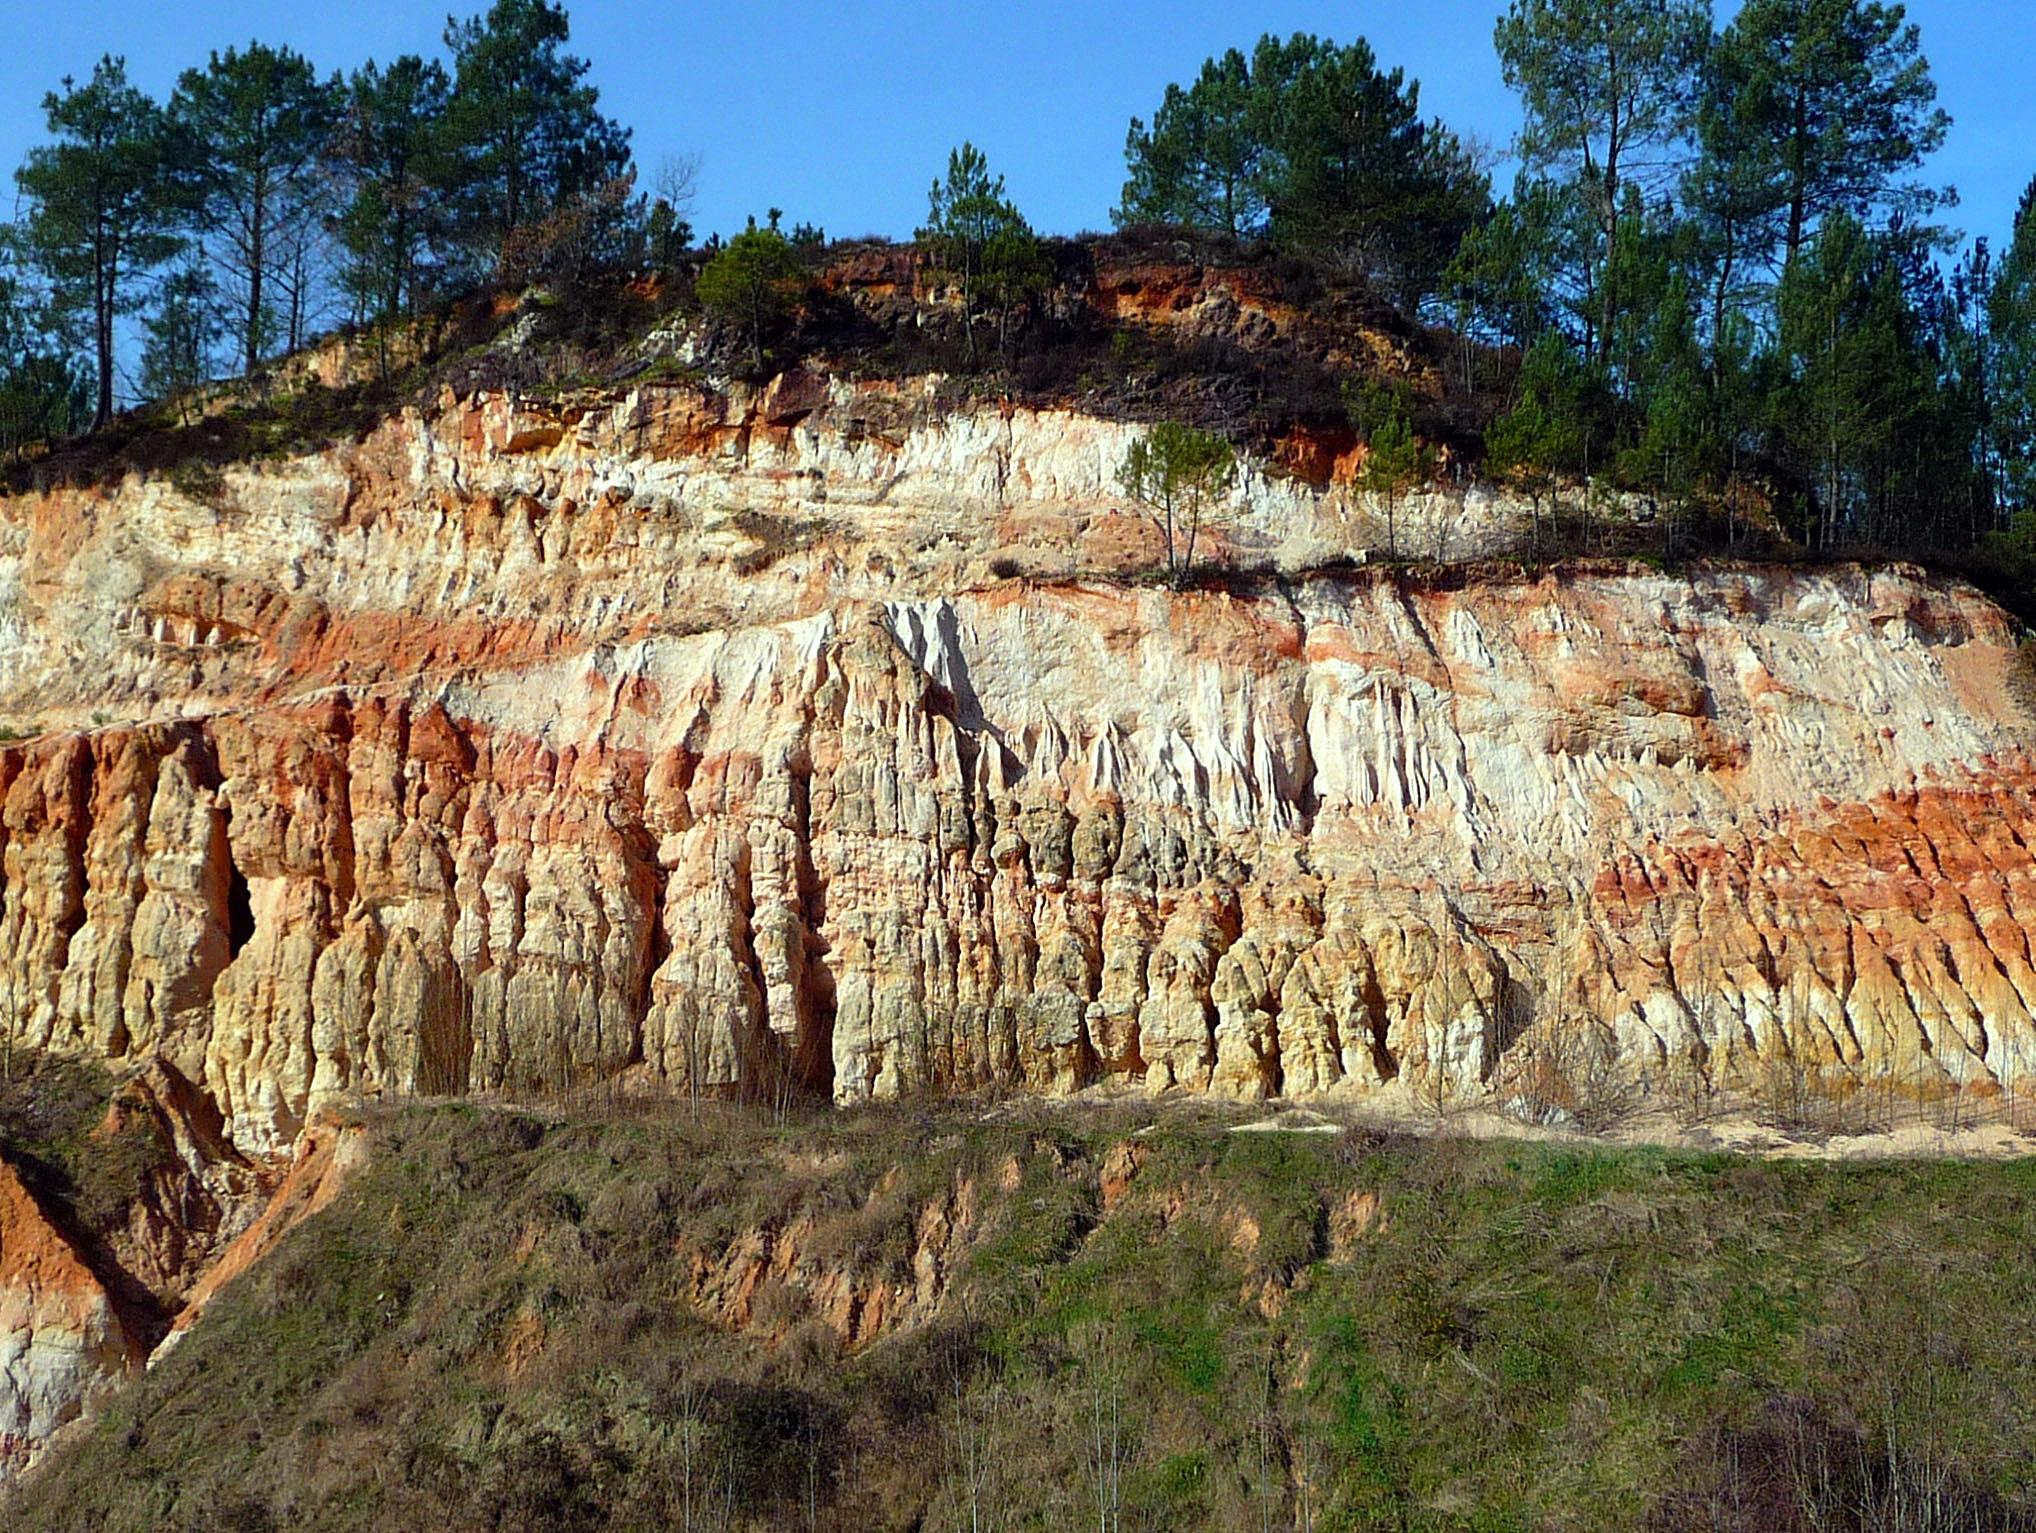 Série continentale éocène-oligocène de la carrière du Brétou à Fumel - Lot-et-Garonne (Cliché J.-P. Platel) – Site classé ***